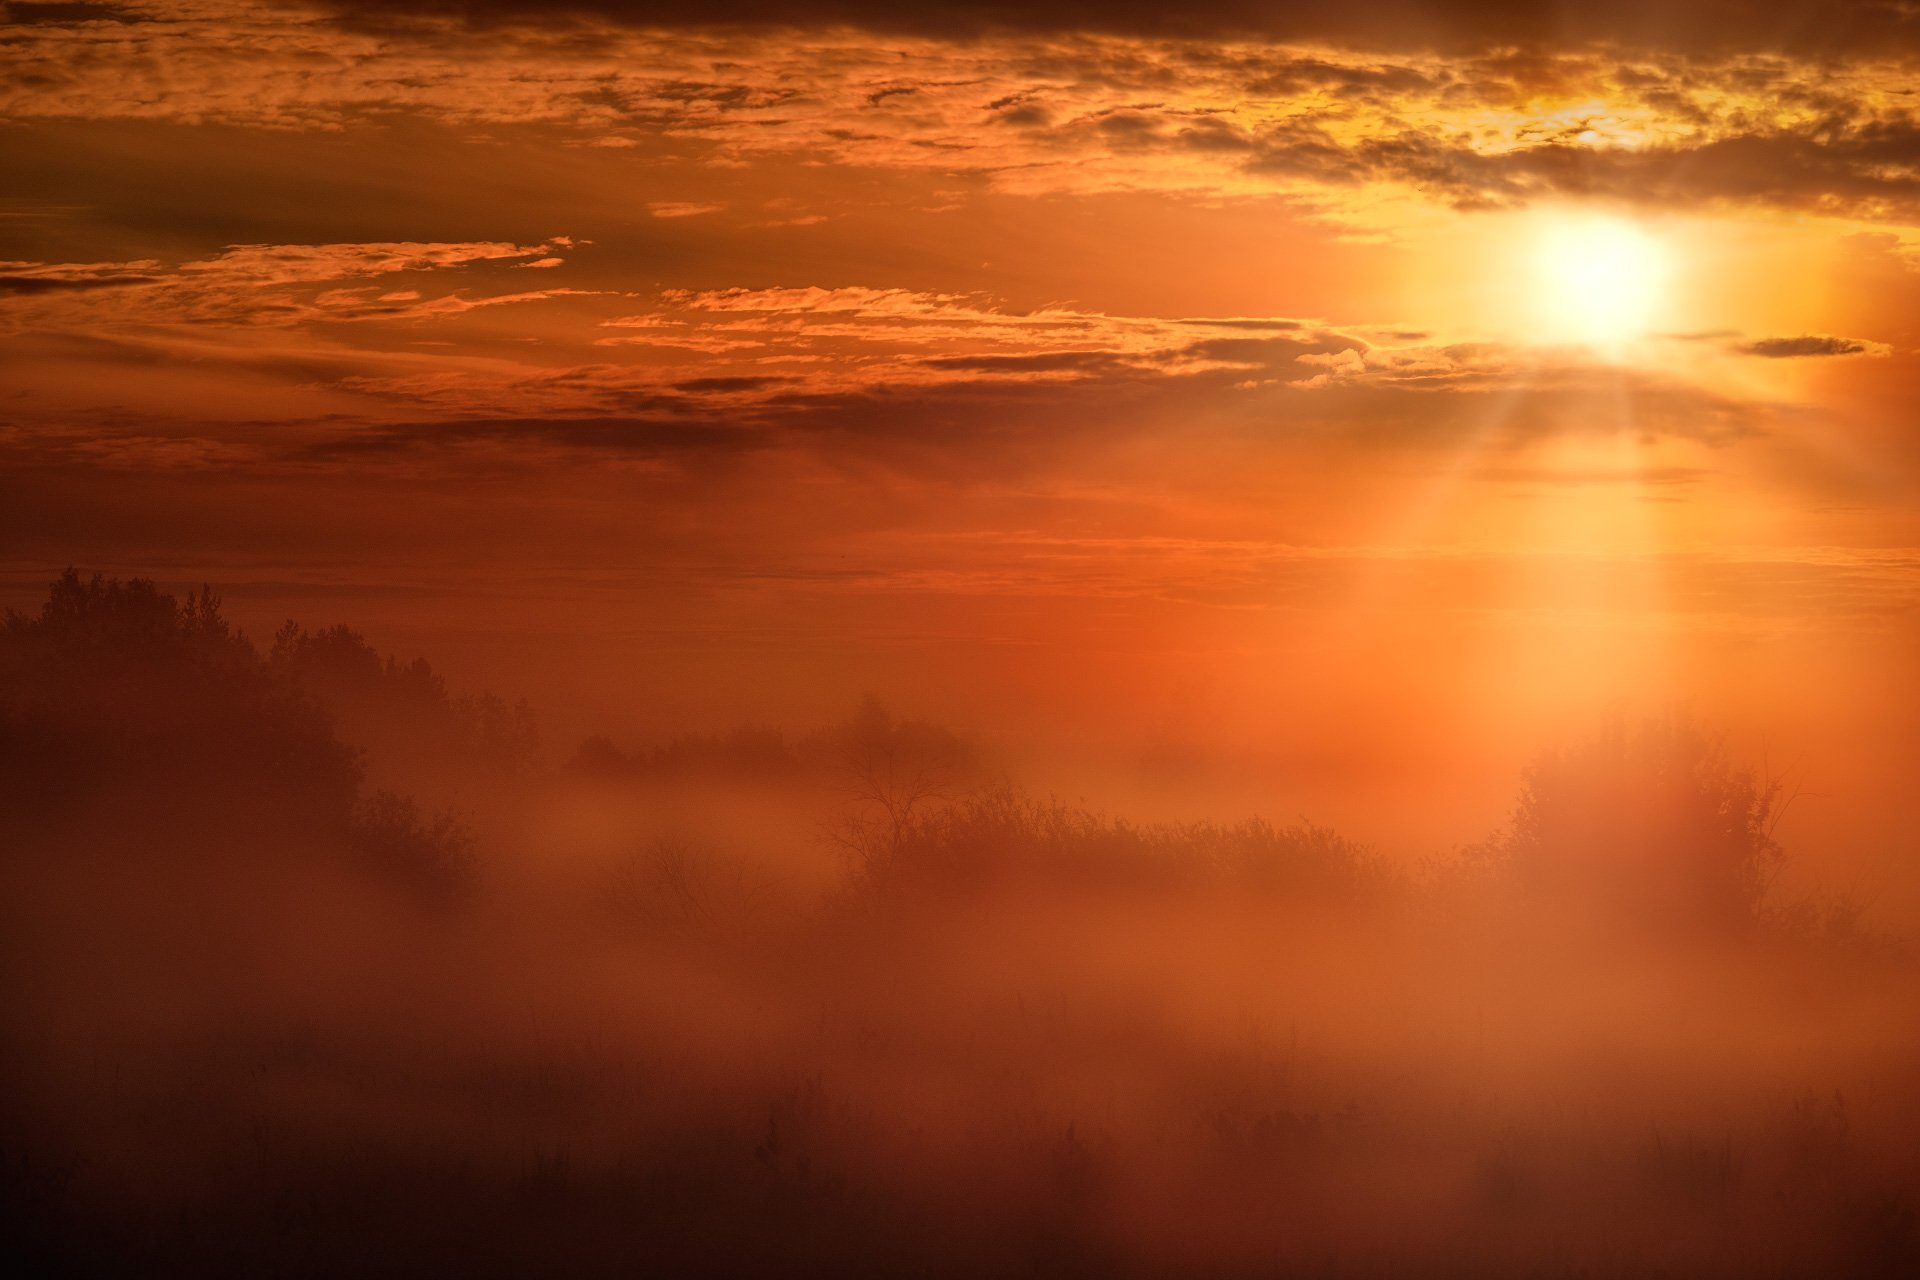 пейзаж, дубна, природа, поле, туман, красный, солнце, утро, рассвет, Андрей Чиж